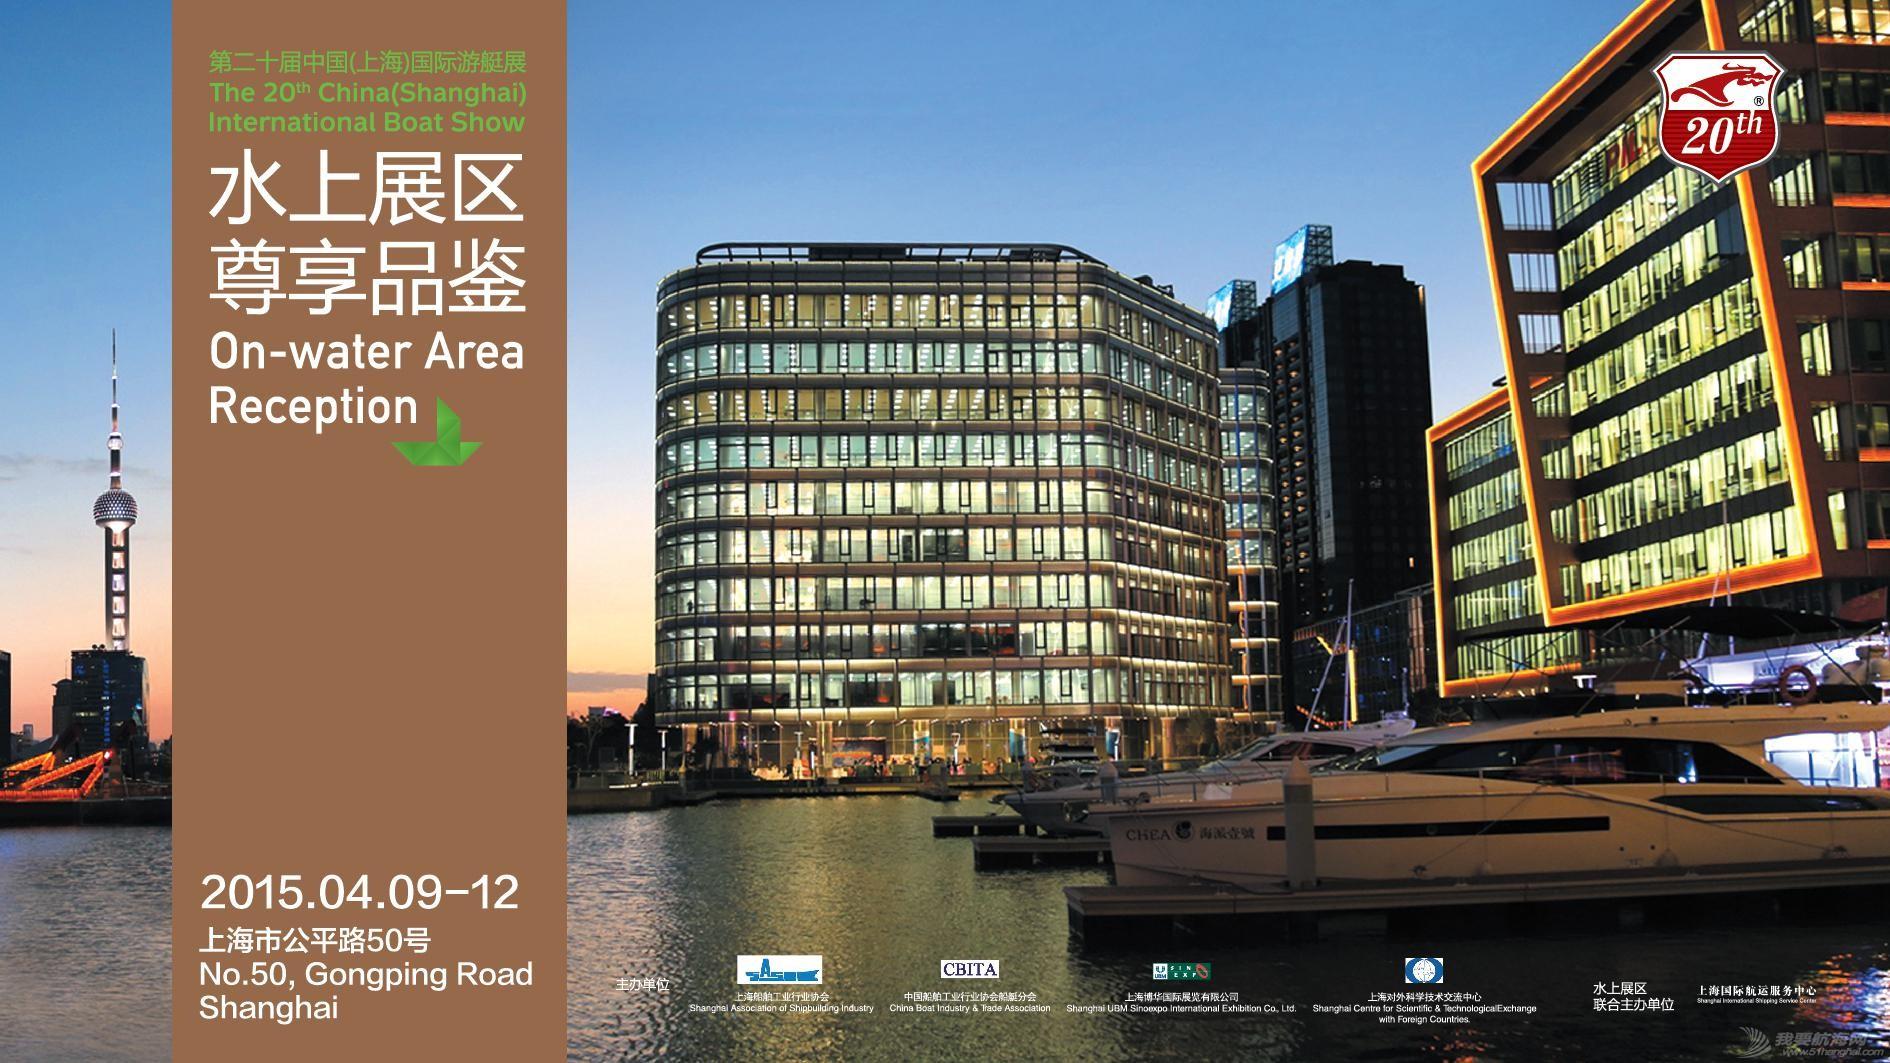 上海国际,有限公司,碧海蓝天,水上运动,为了孩子 艇进上海,艇动全城,上海游艇节即将开幕 6.jpg